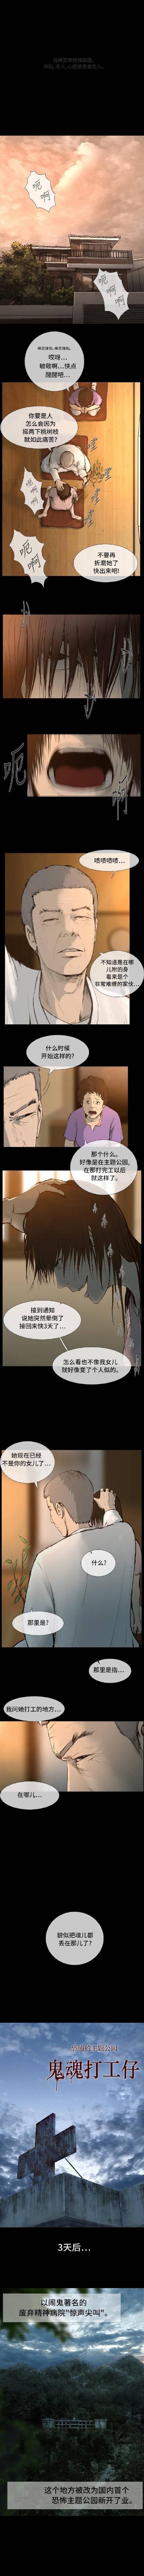 """恐怖漫画鬼魂打工仔"""""""